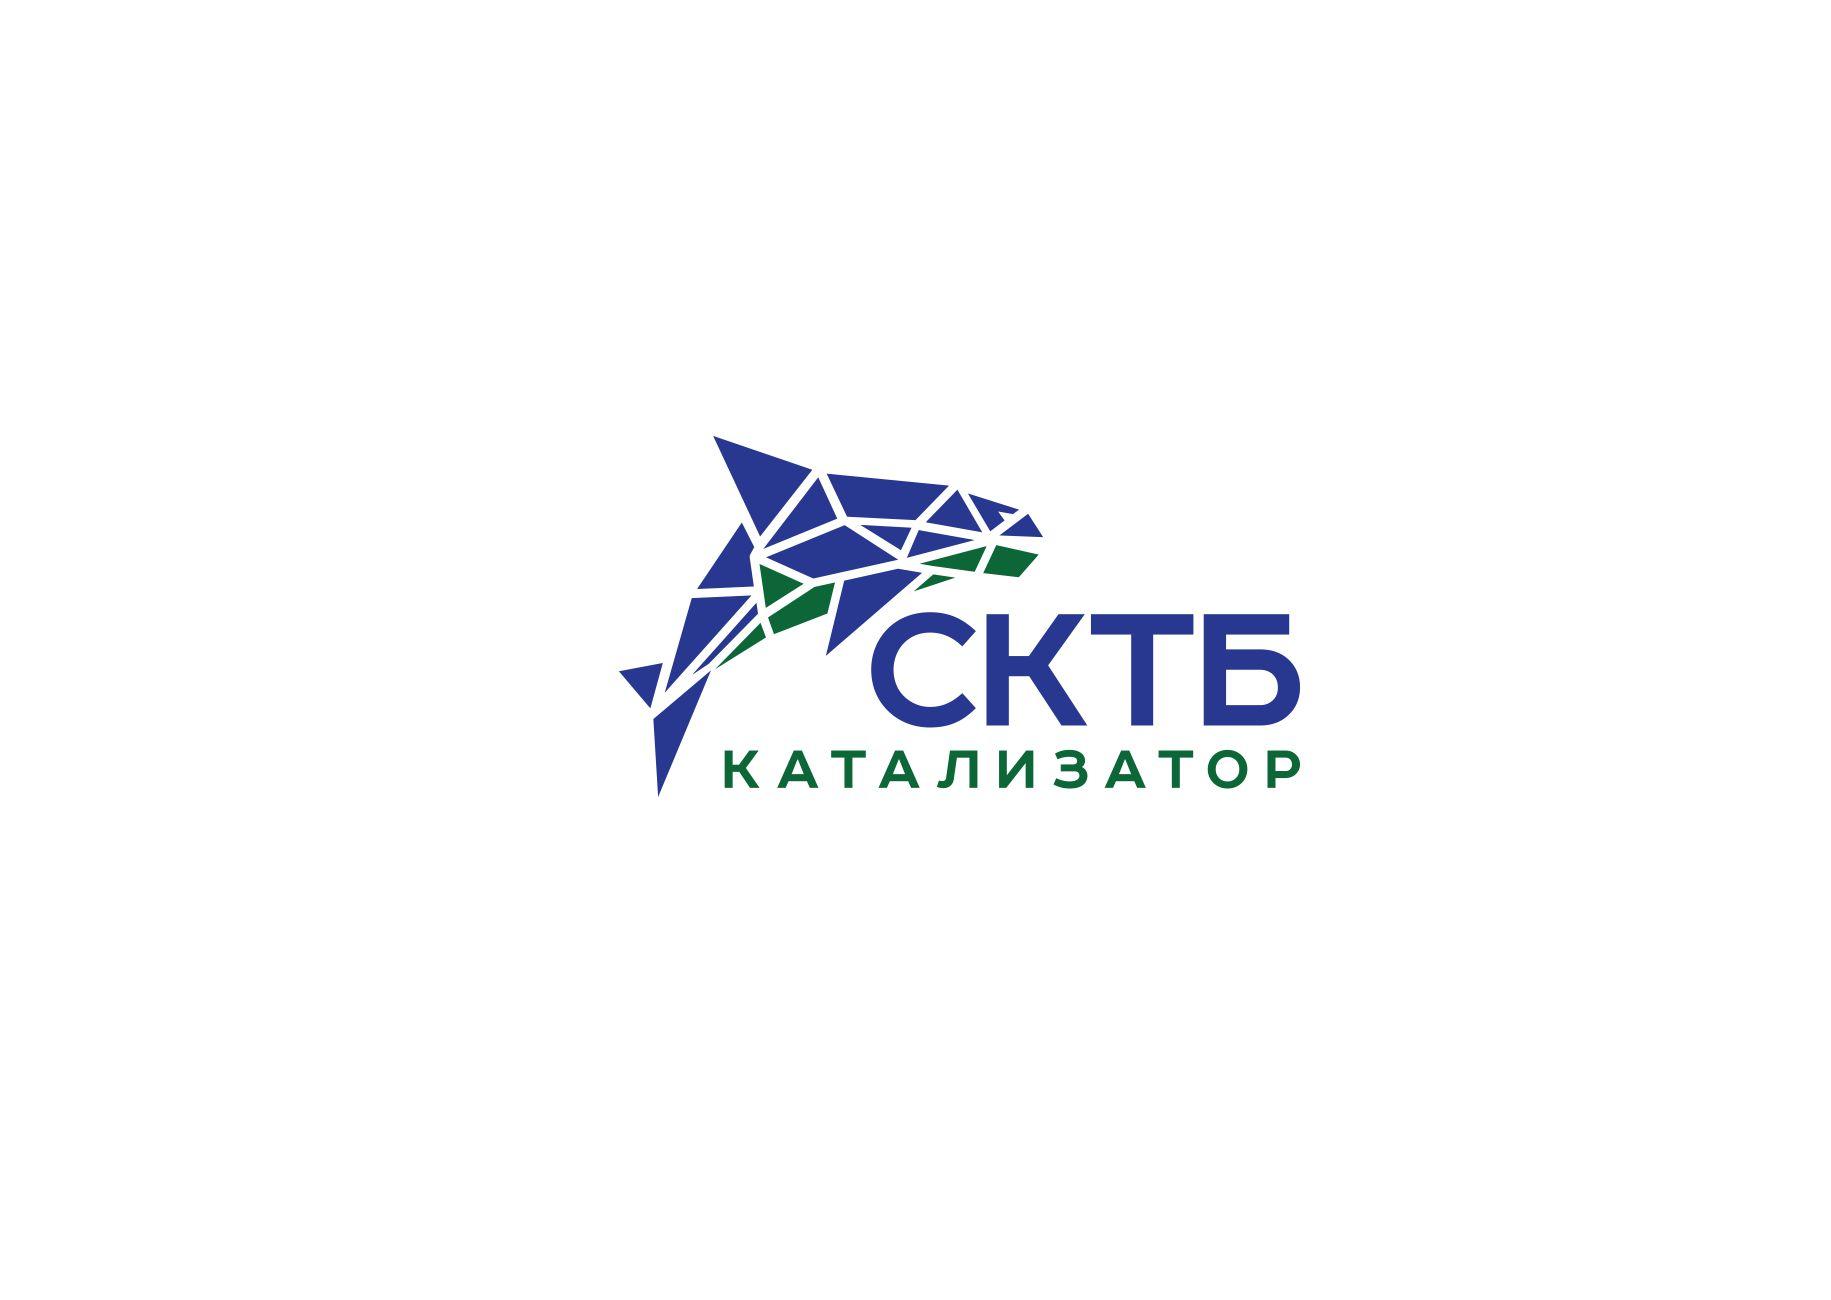 Разработка фирменного символа компании - касатки, НЕ ЛОГОТИП фото f_0245afe60e3e5491.jpg